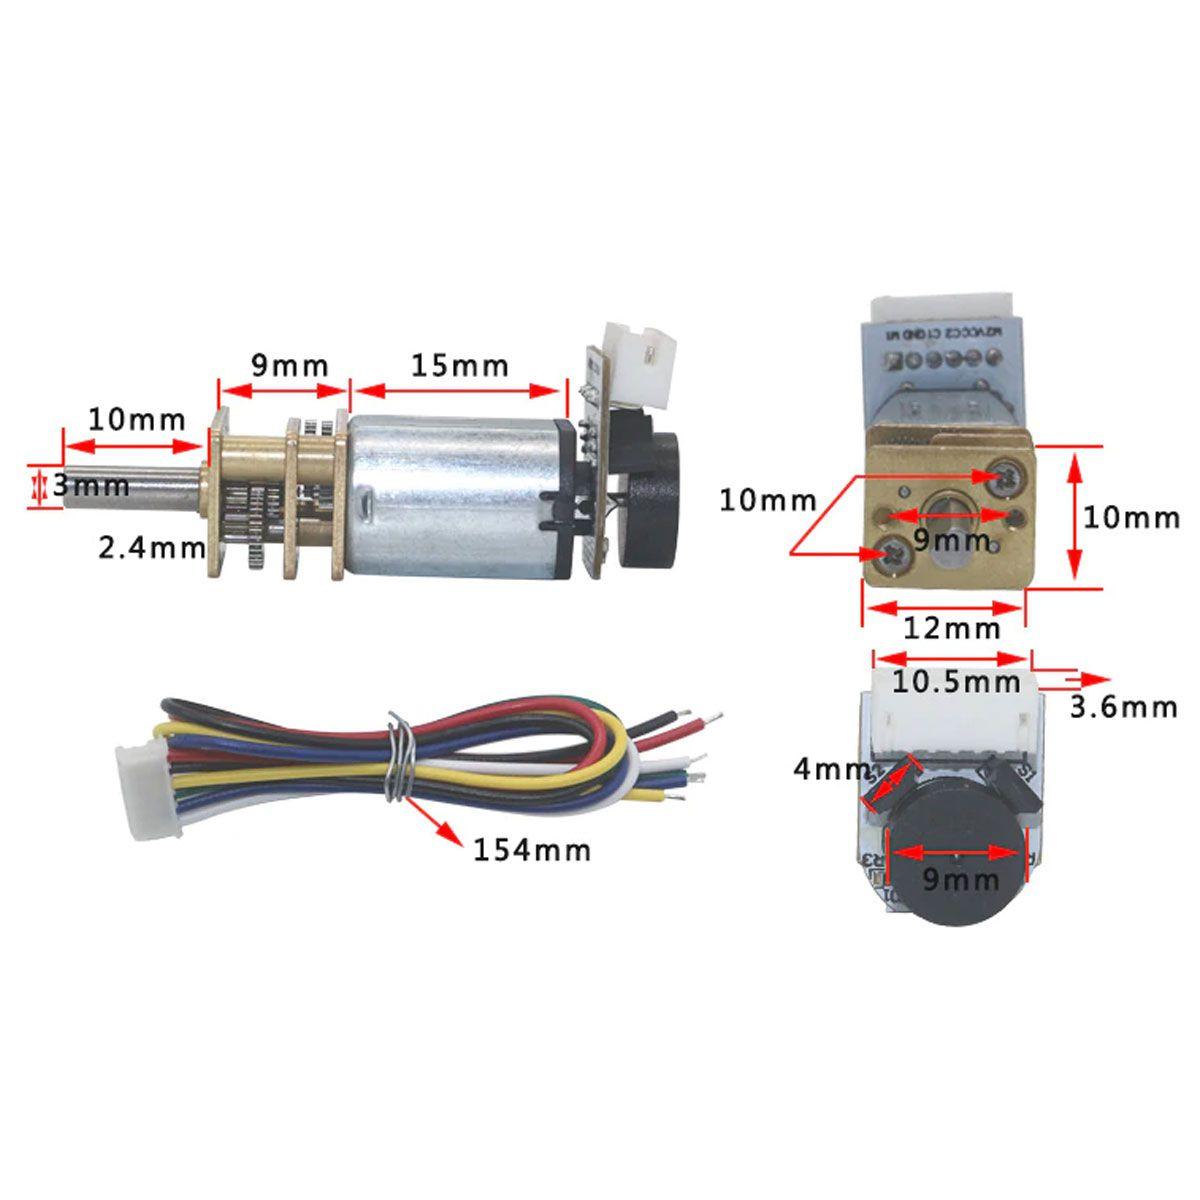 Mini Motor DC N20 com Caixa de Redução e Encoder - 12v 1100 RPM